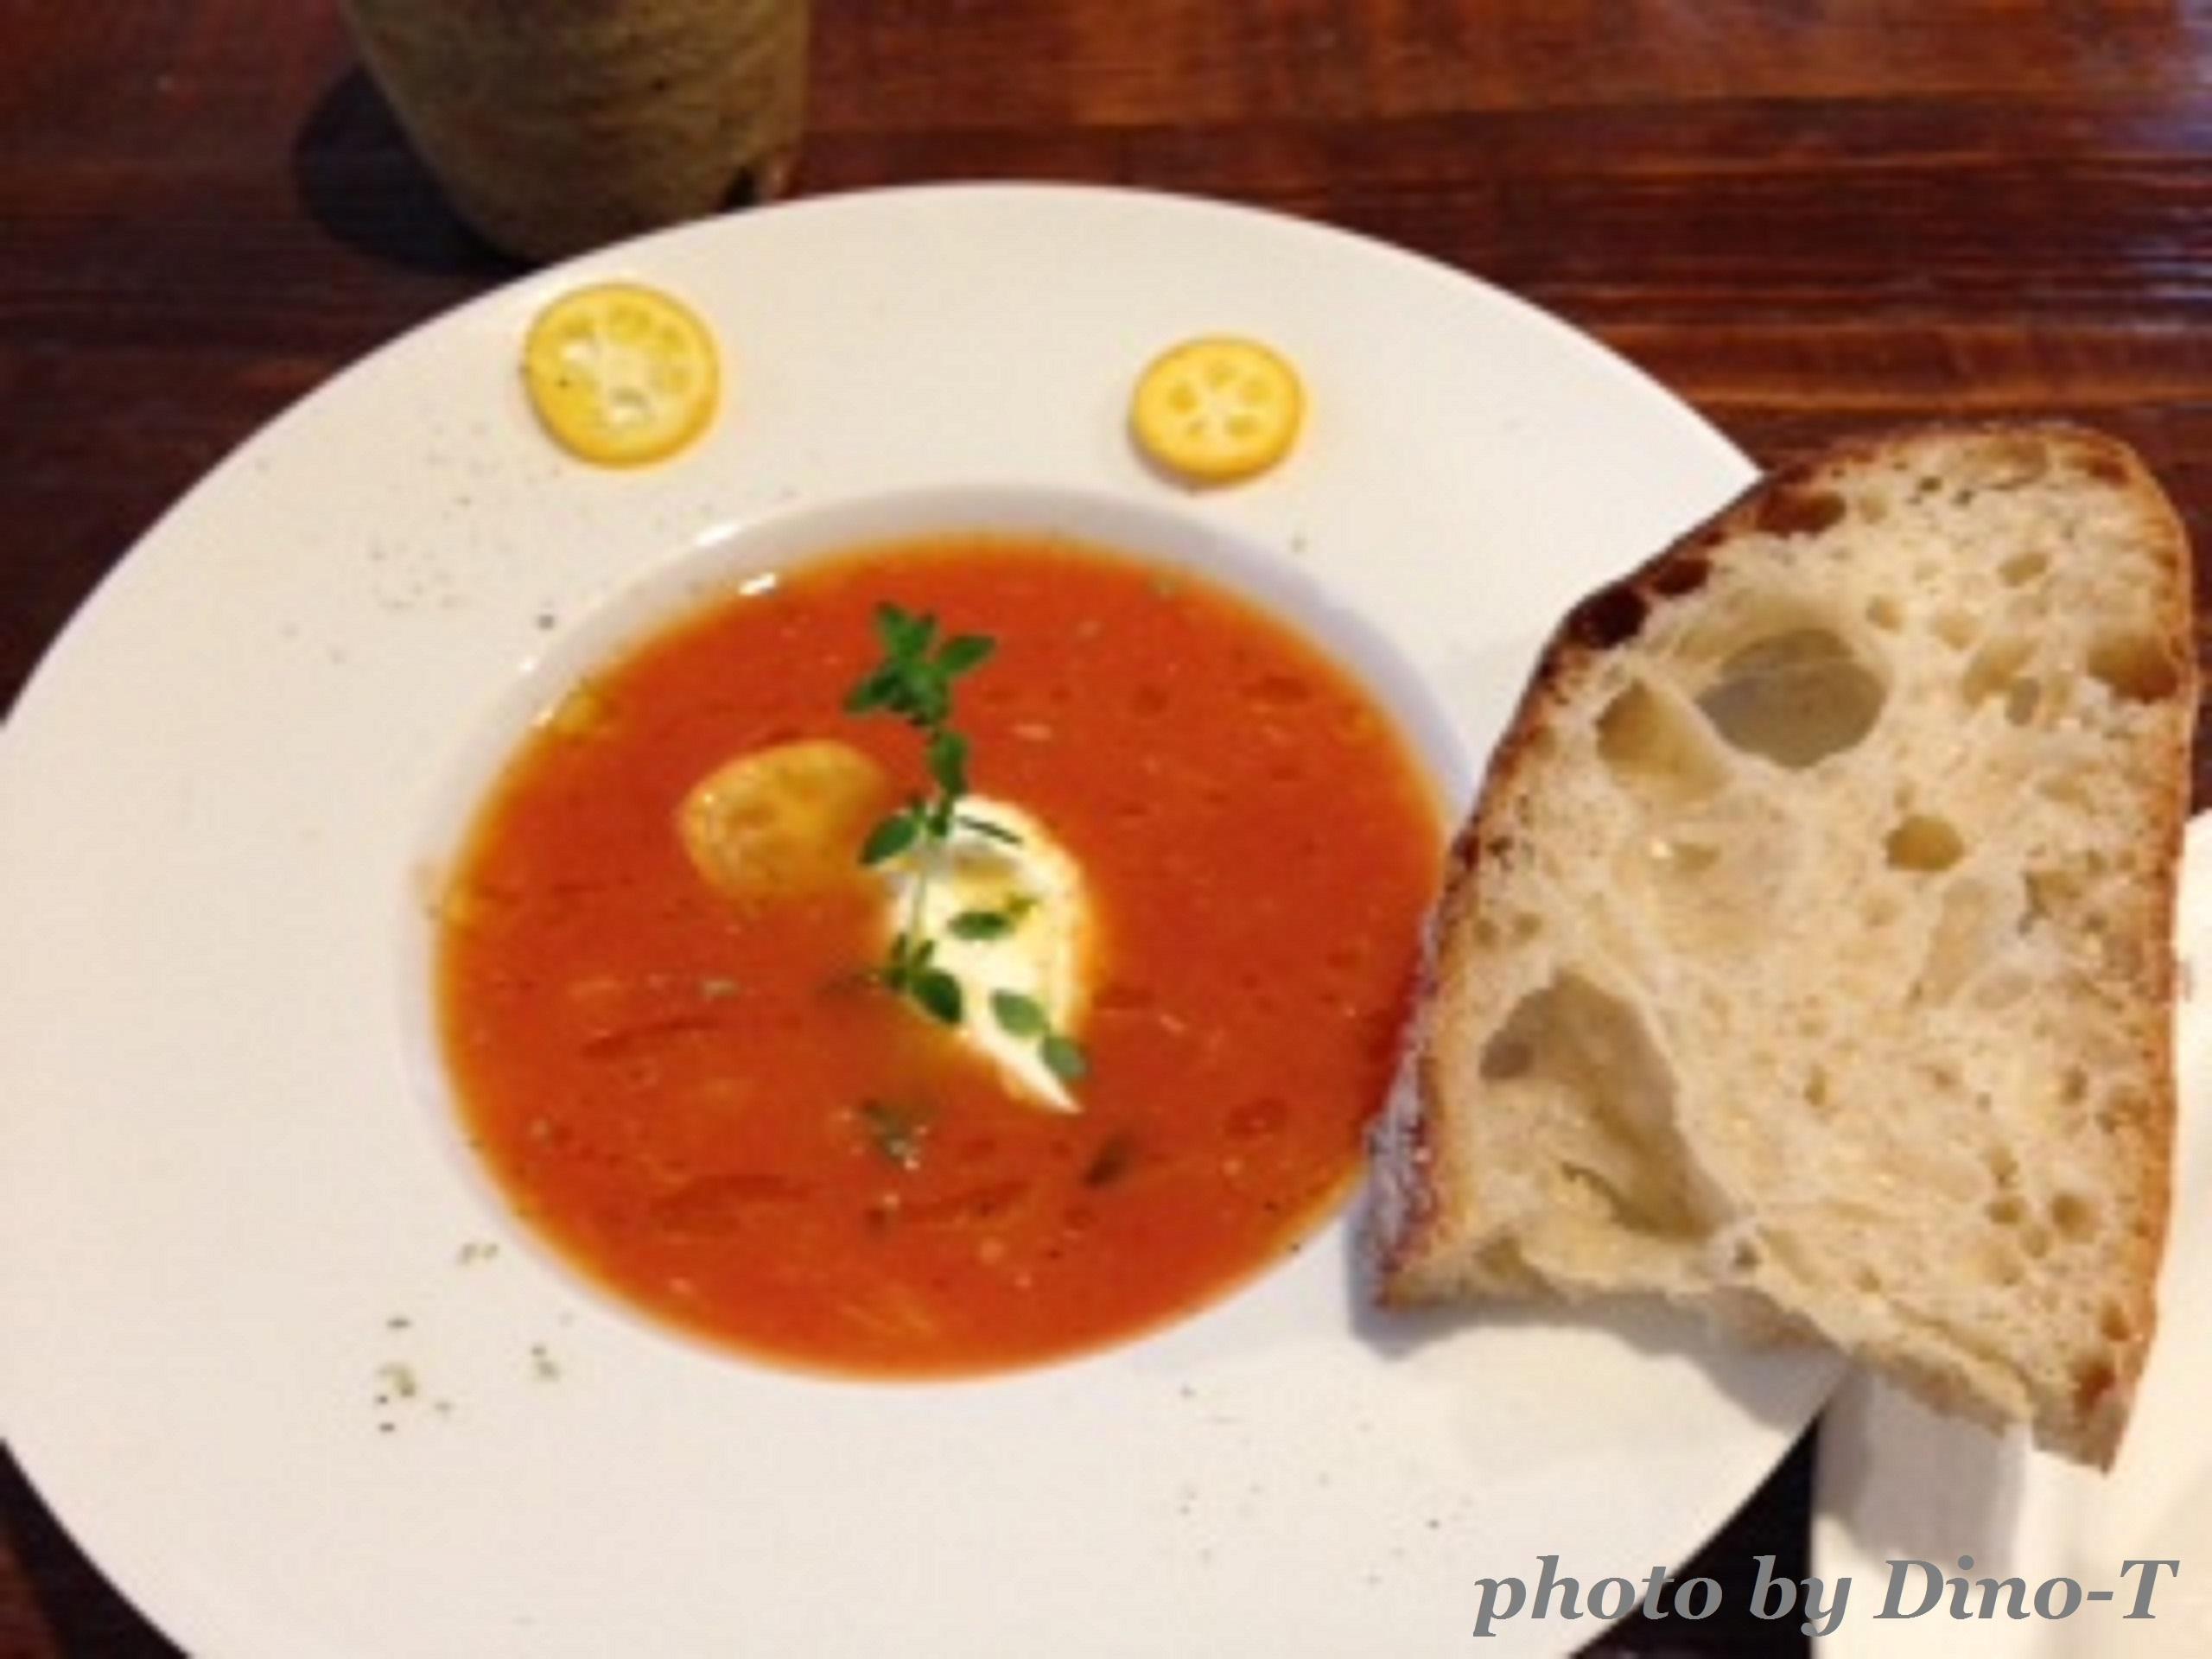 トマトとオレンジの冷たいスープ2